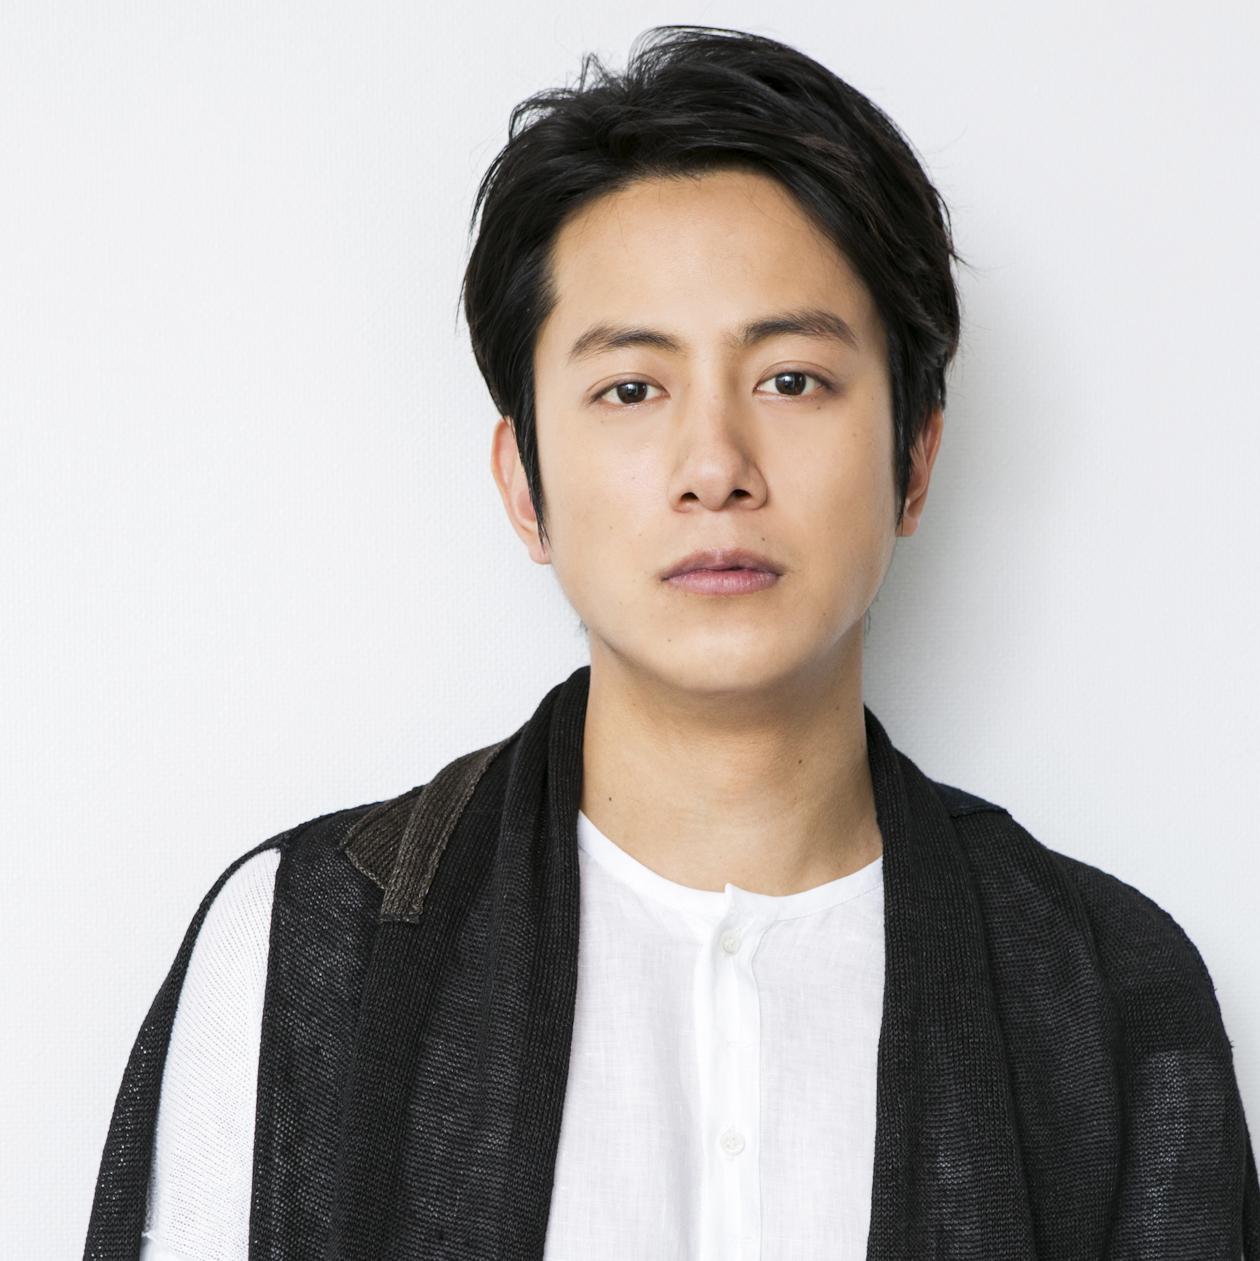 溝端淳平の19歳「俳優を続けたくても、クビになると思った 」